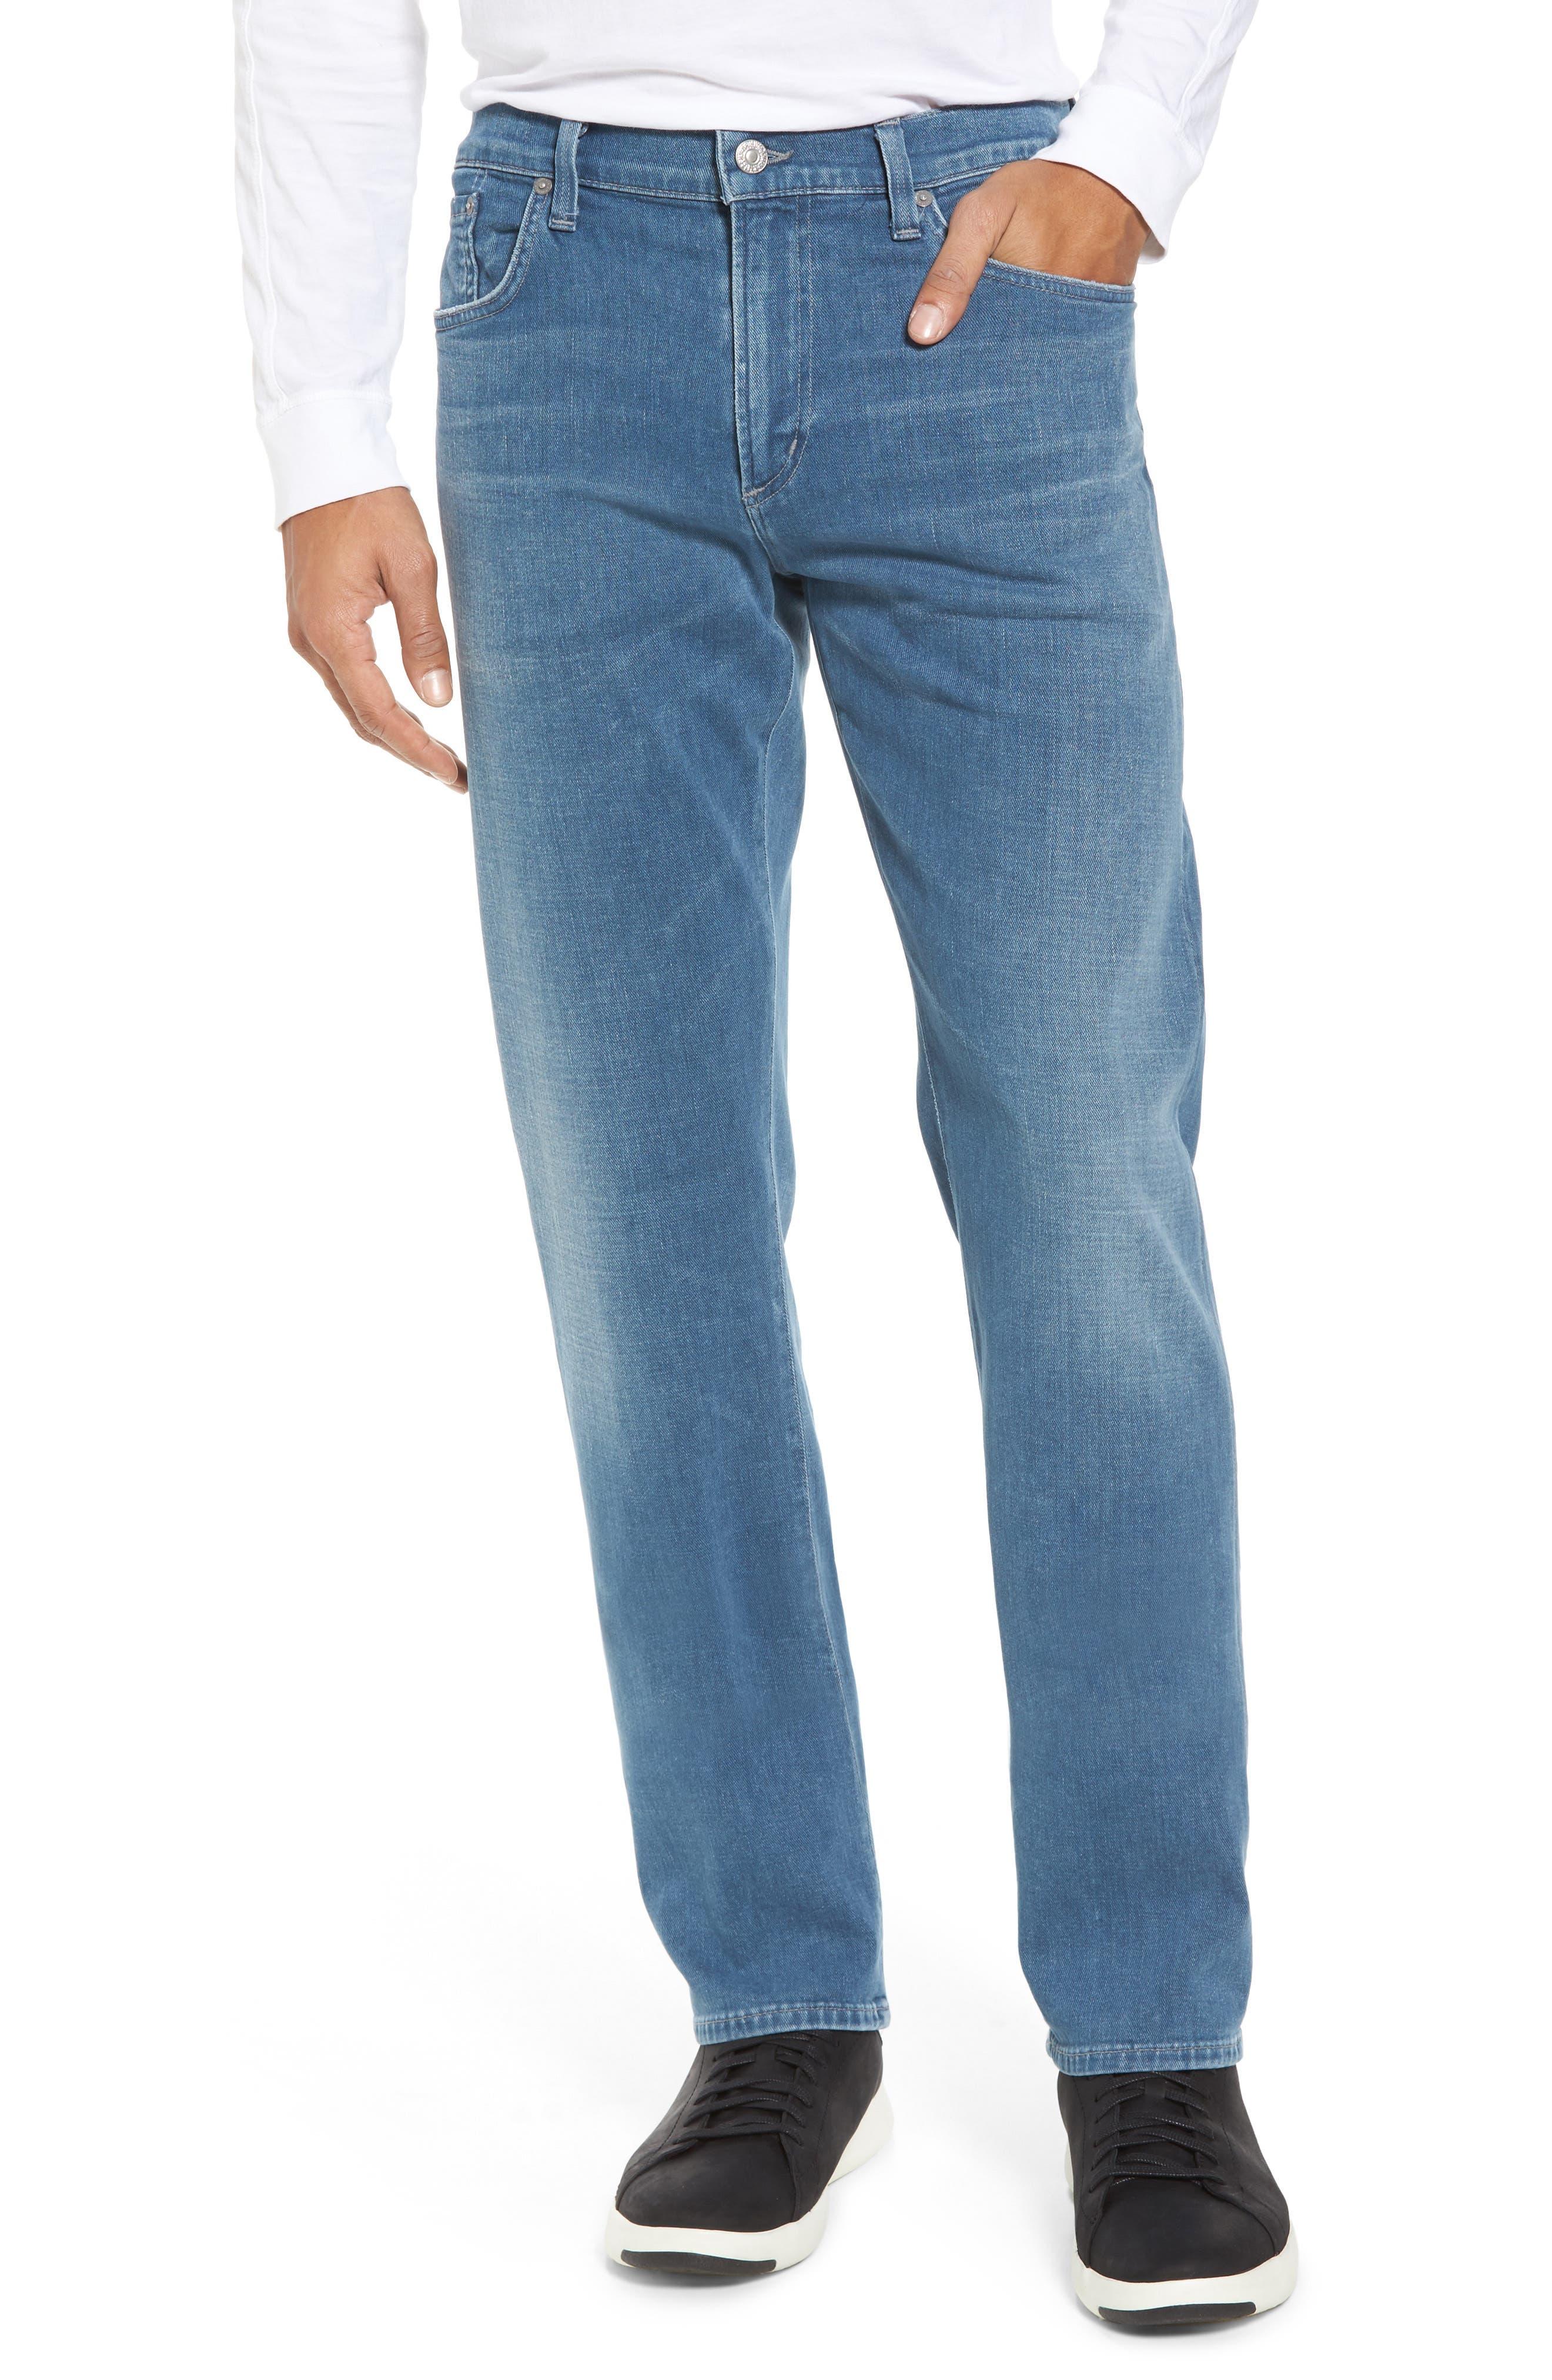 Core Slim Fit Jeans,                             Main thumbnail 1, color,                             427